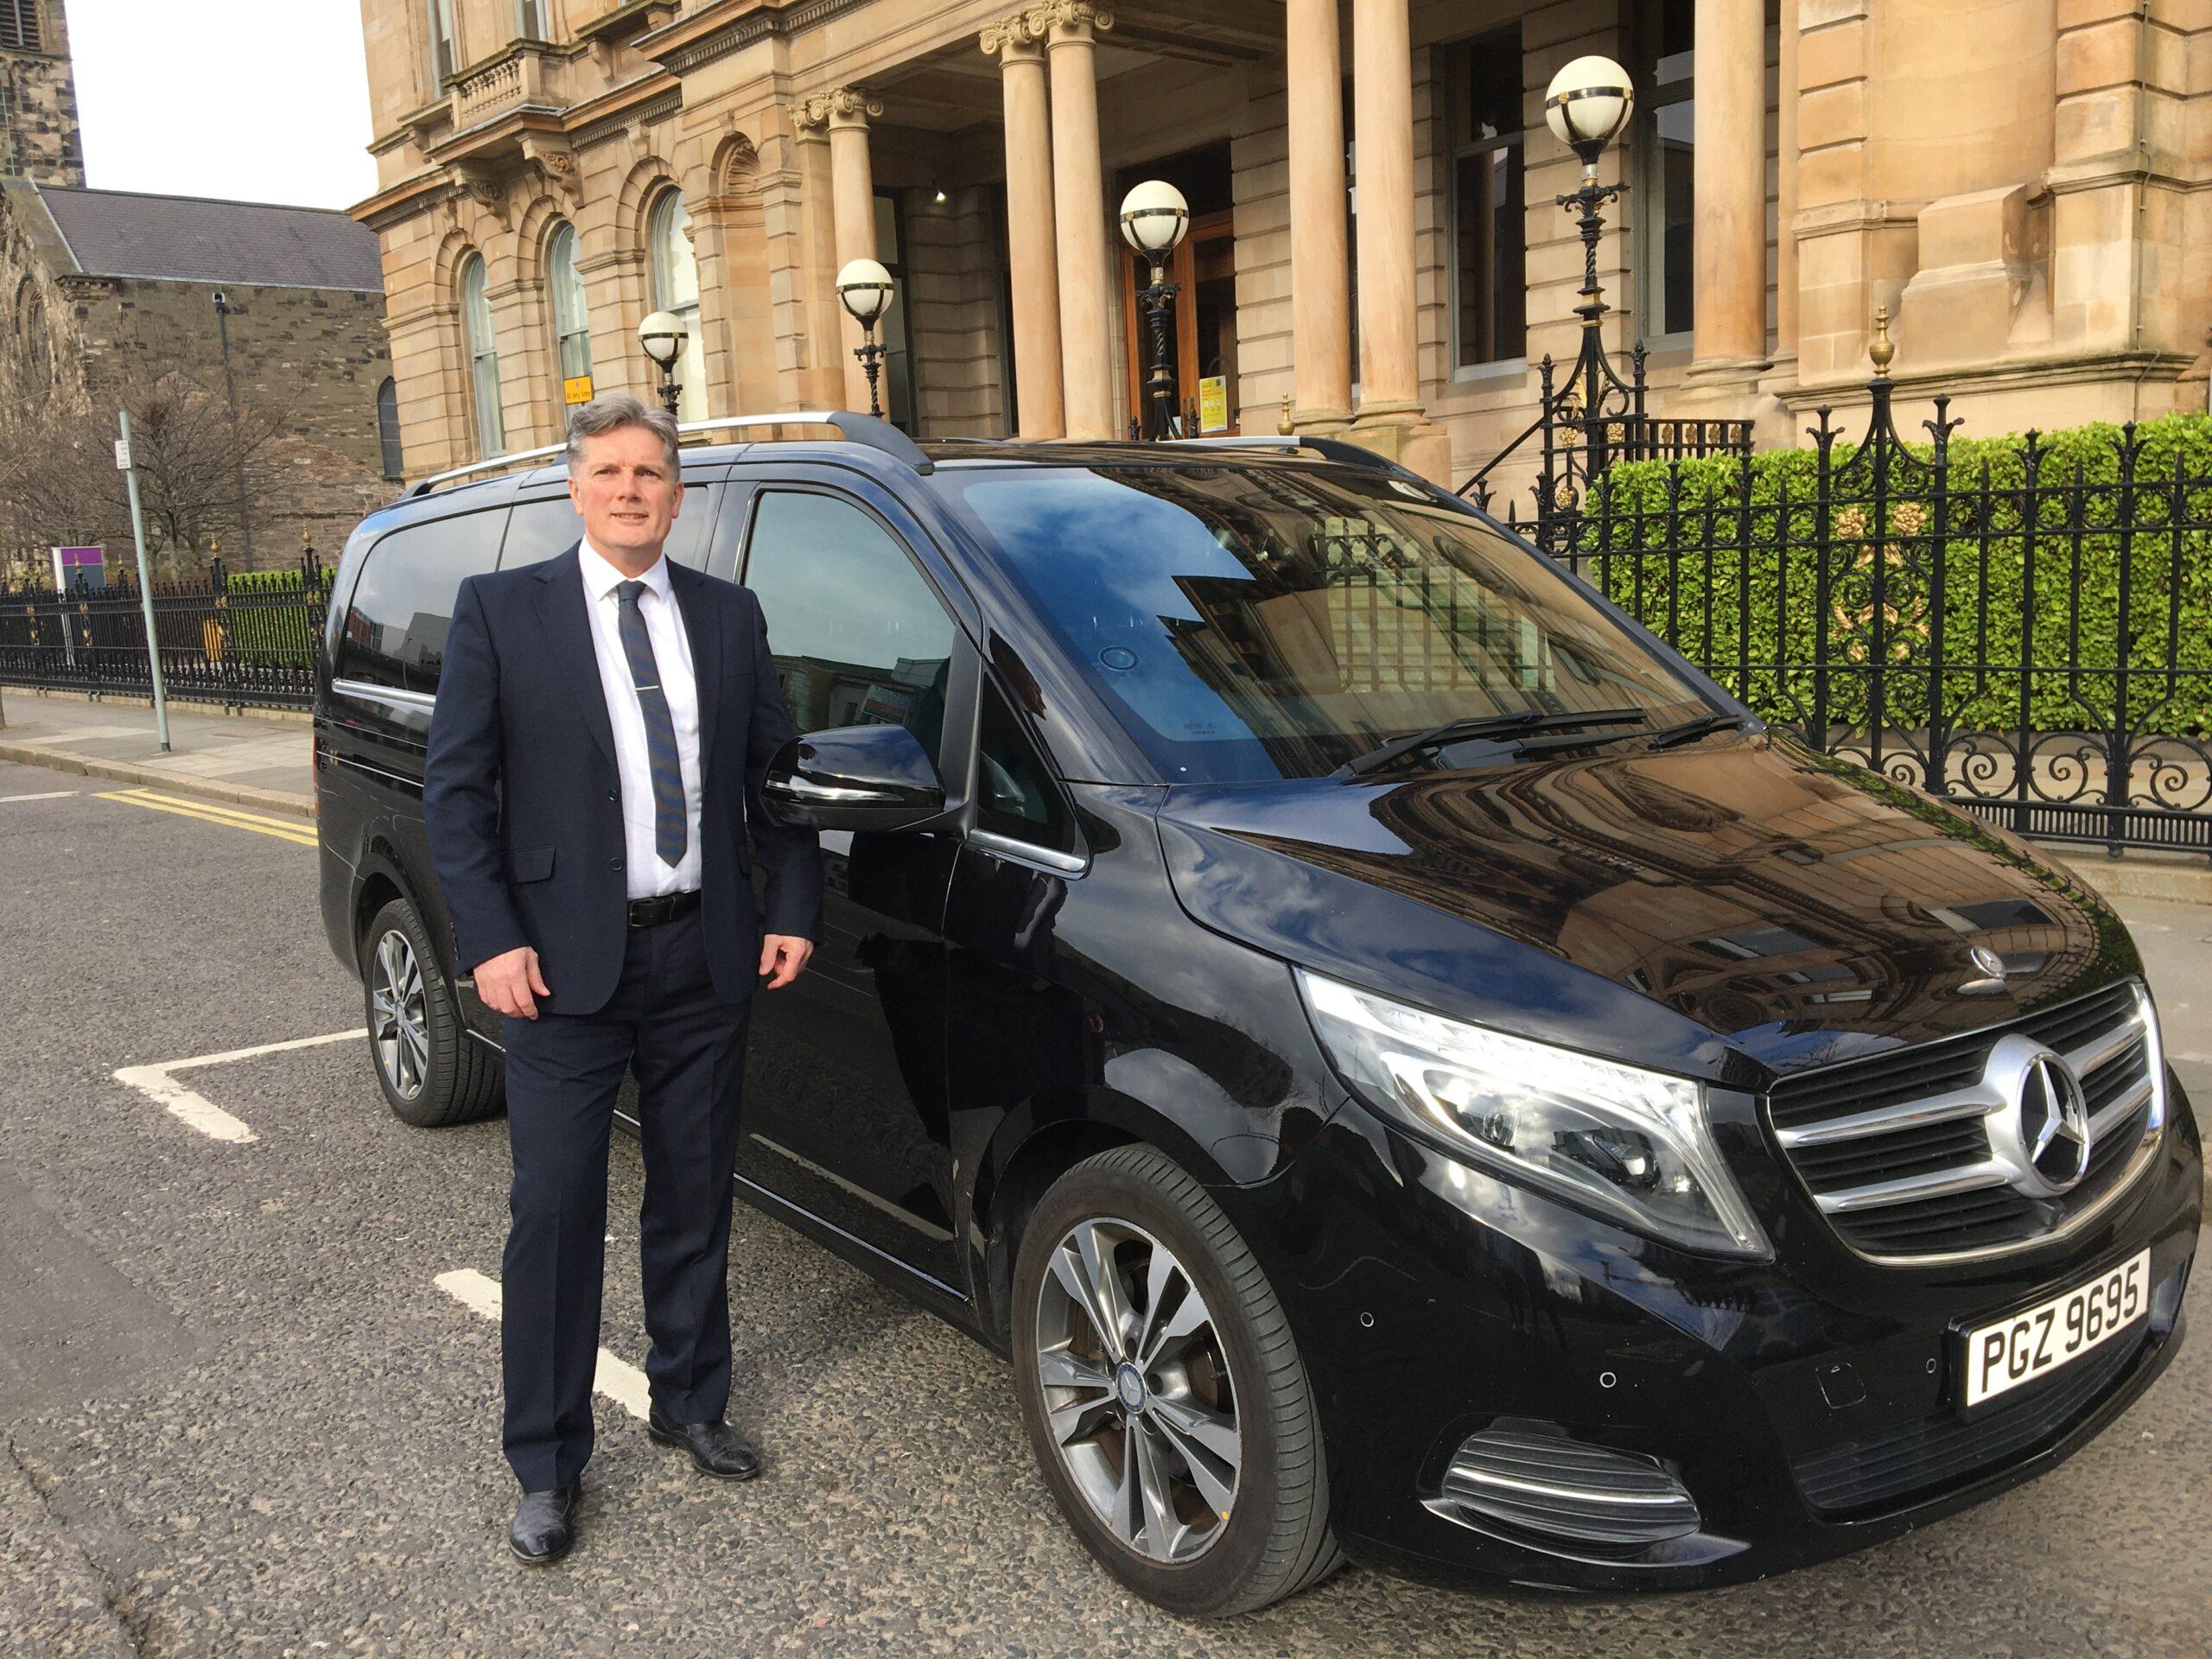 Belfast chauffeur services